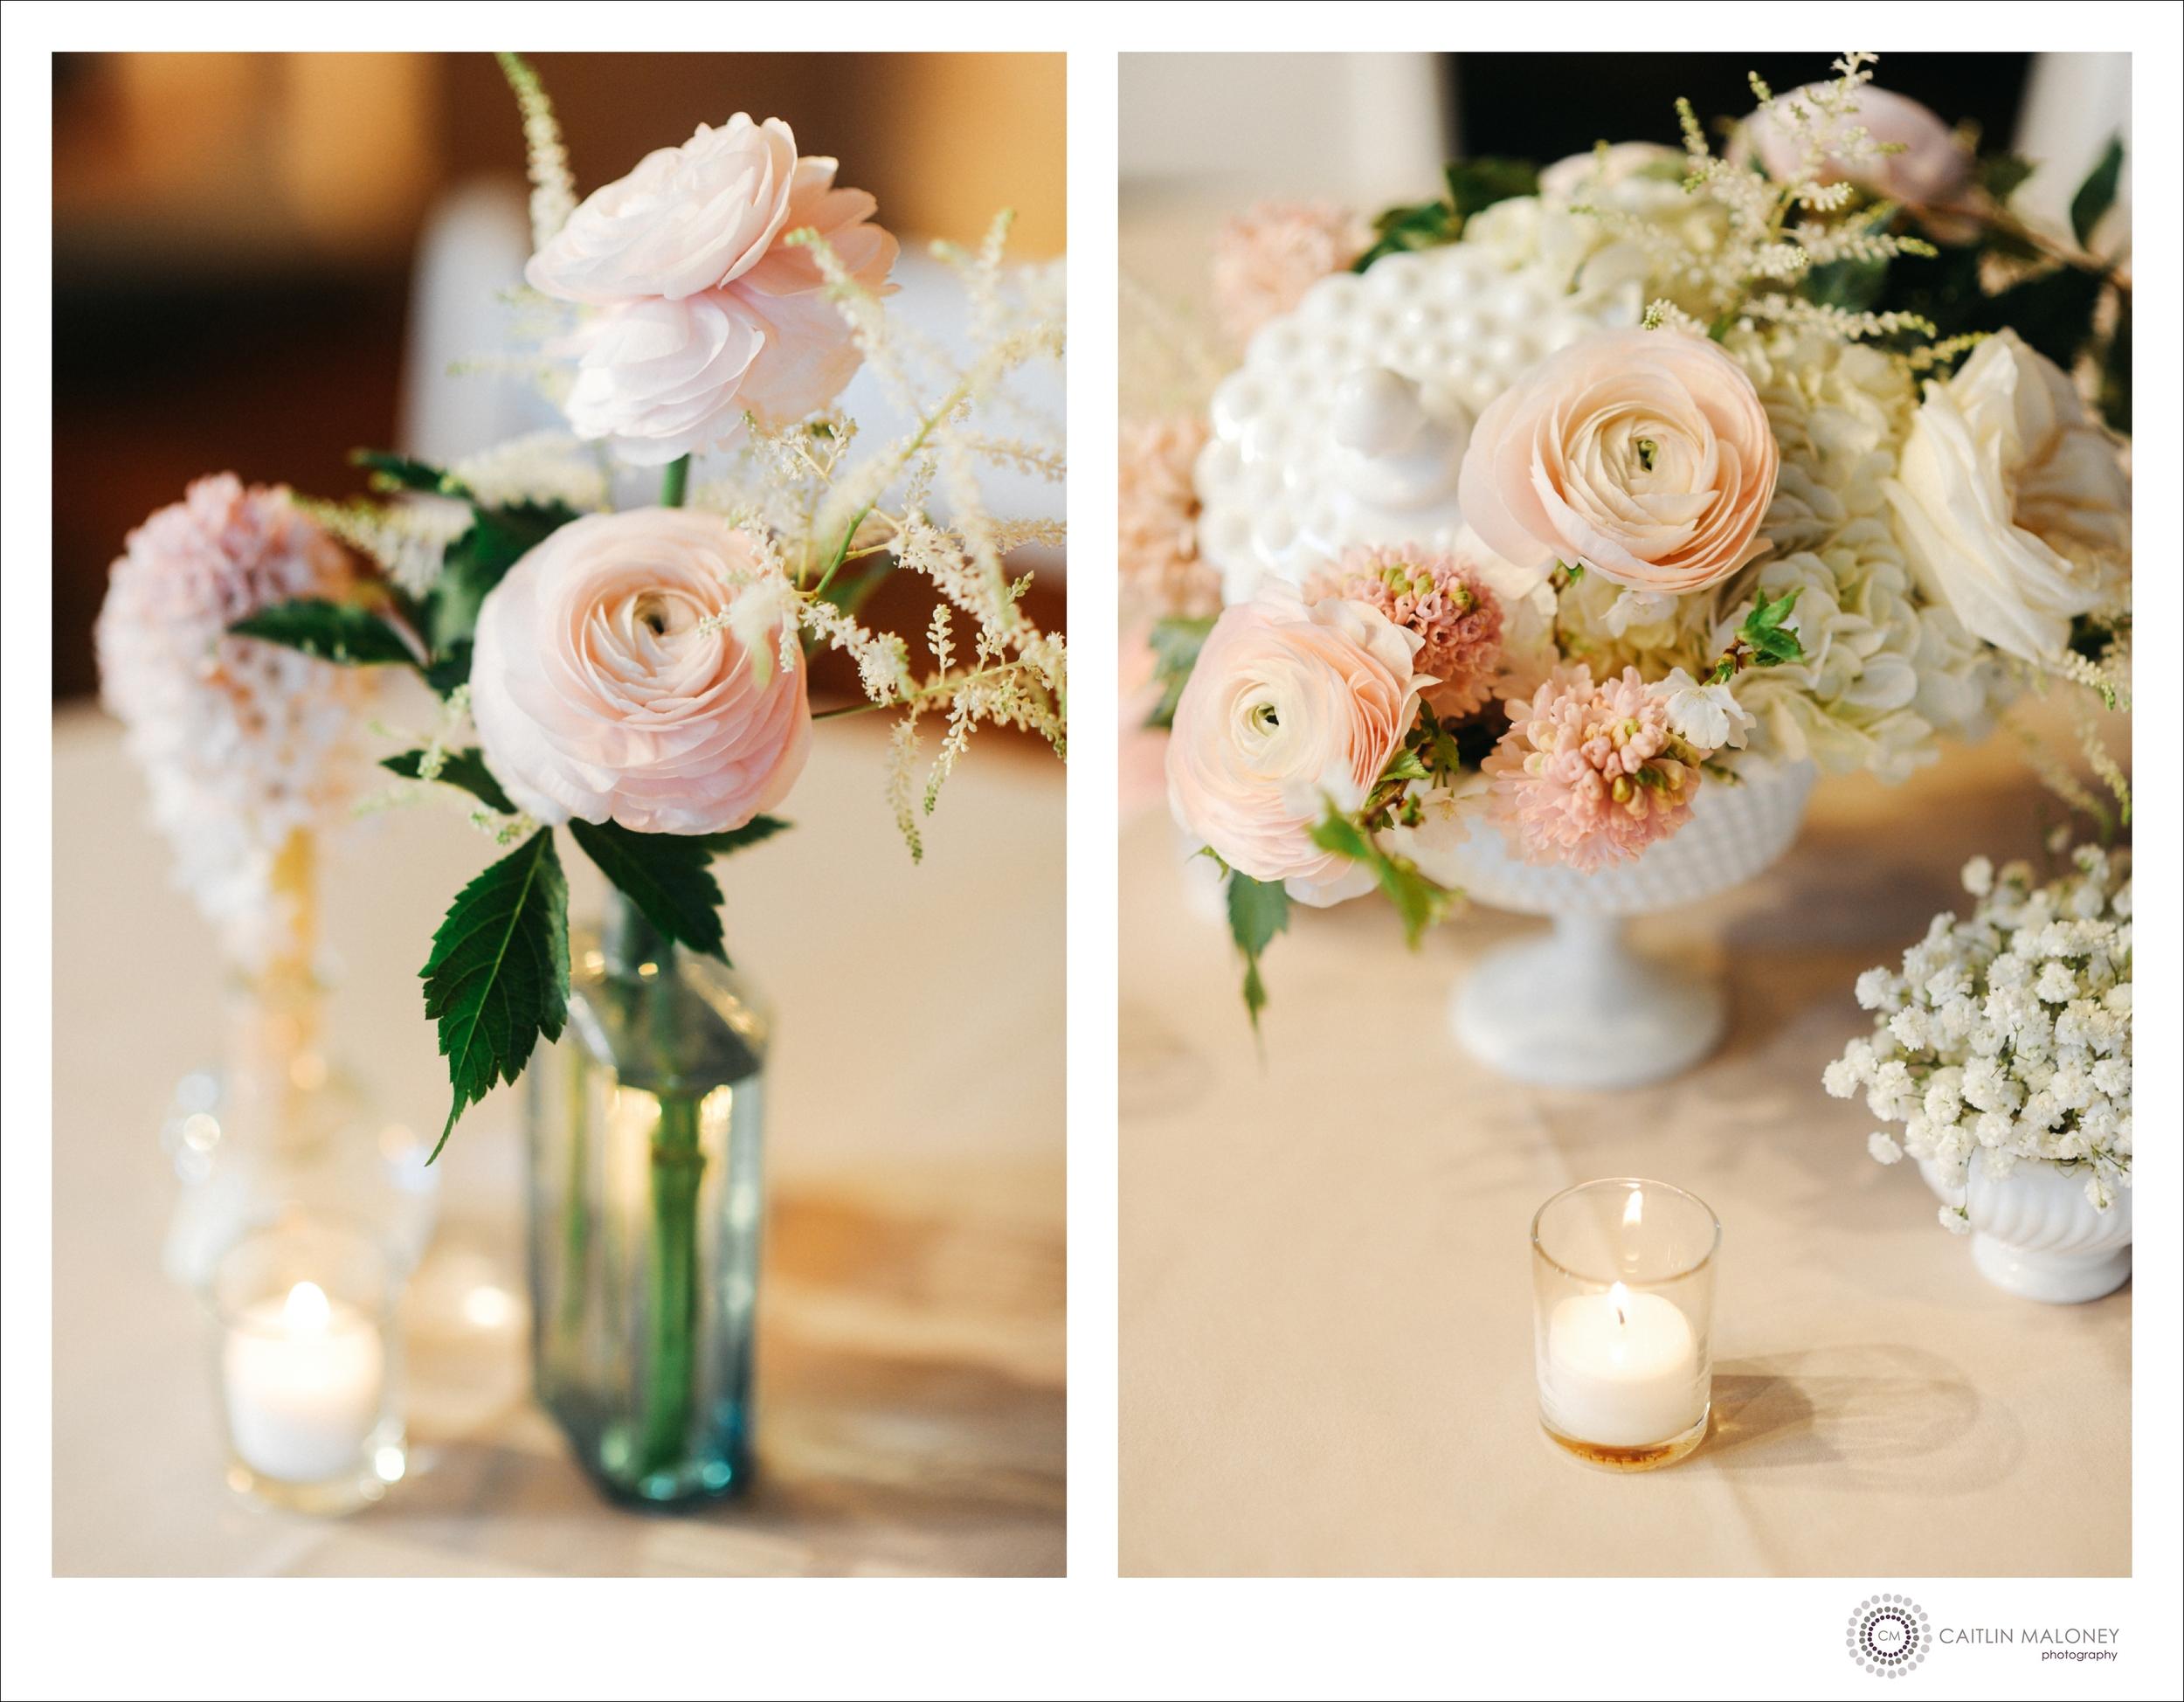 Linden_Place_Wedding_Photos_053.jpg